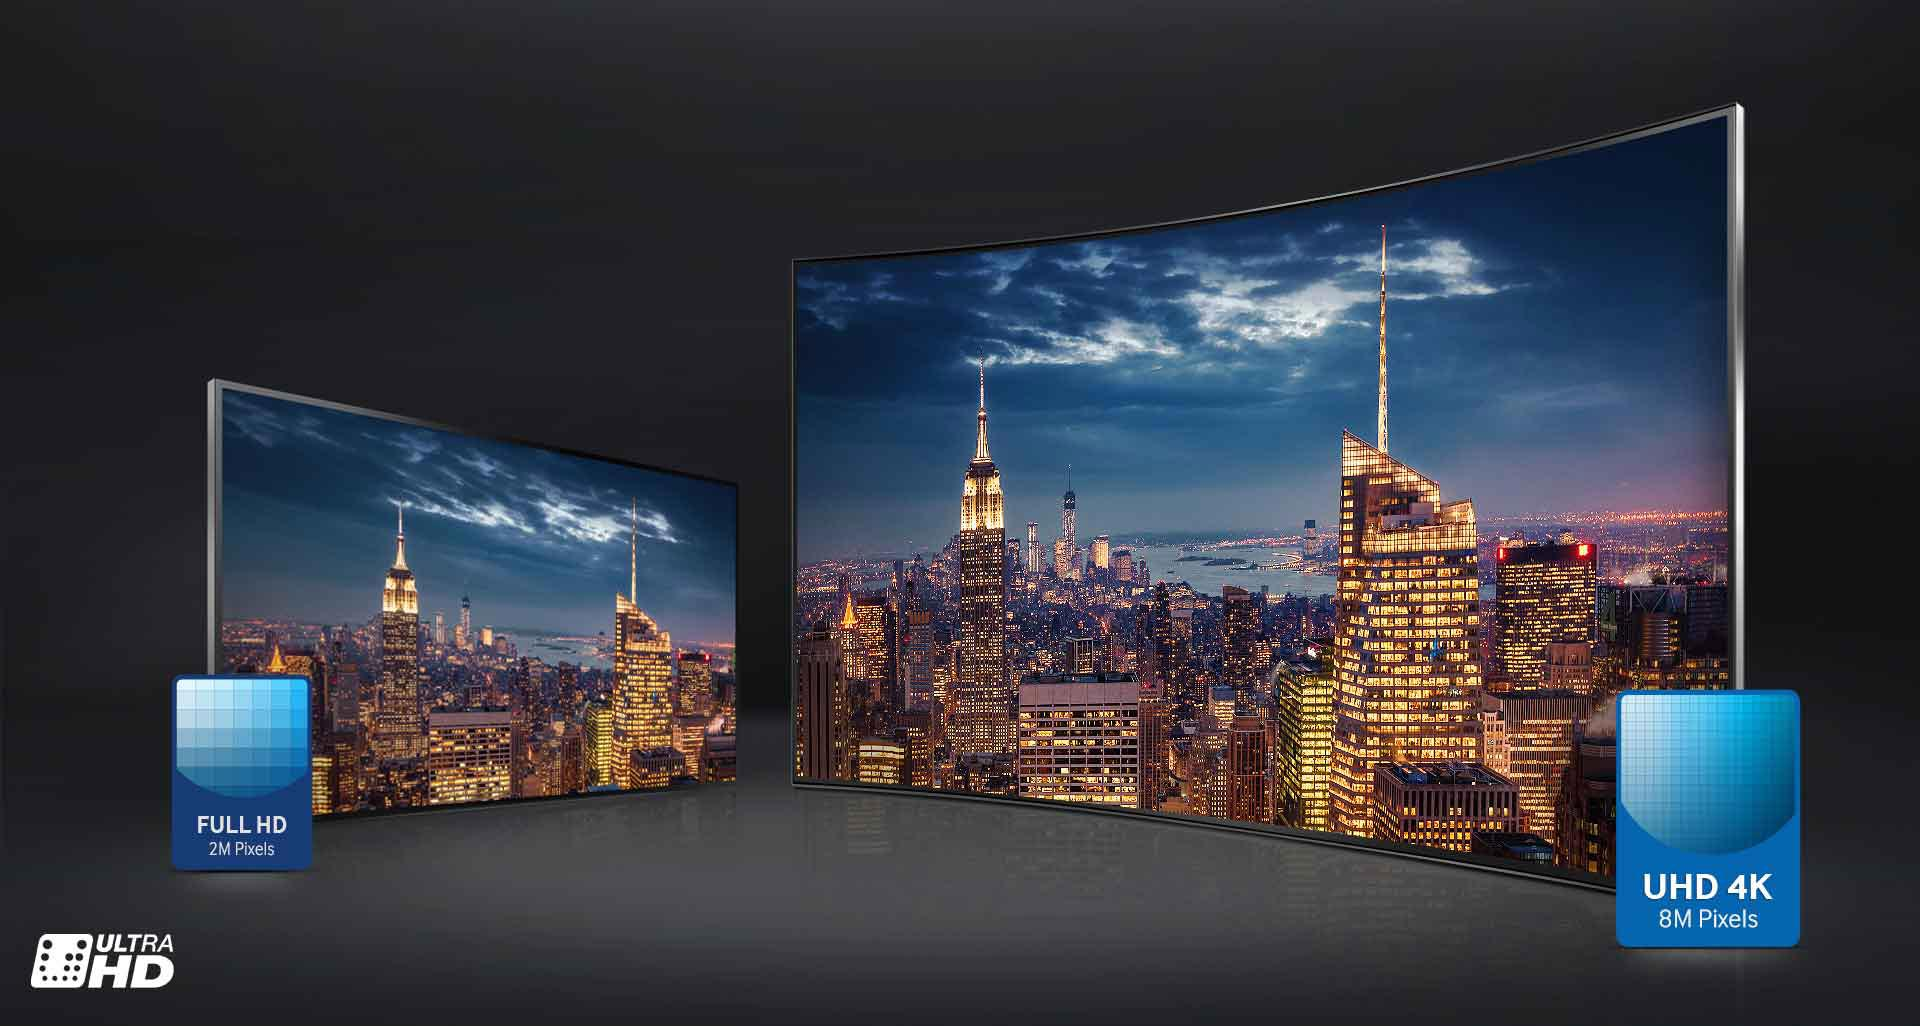 تلویزیون ال ای دی 85 اینچ سری 7 اسمارت سامسونگ